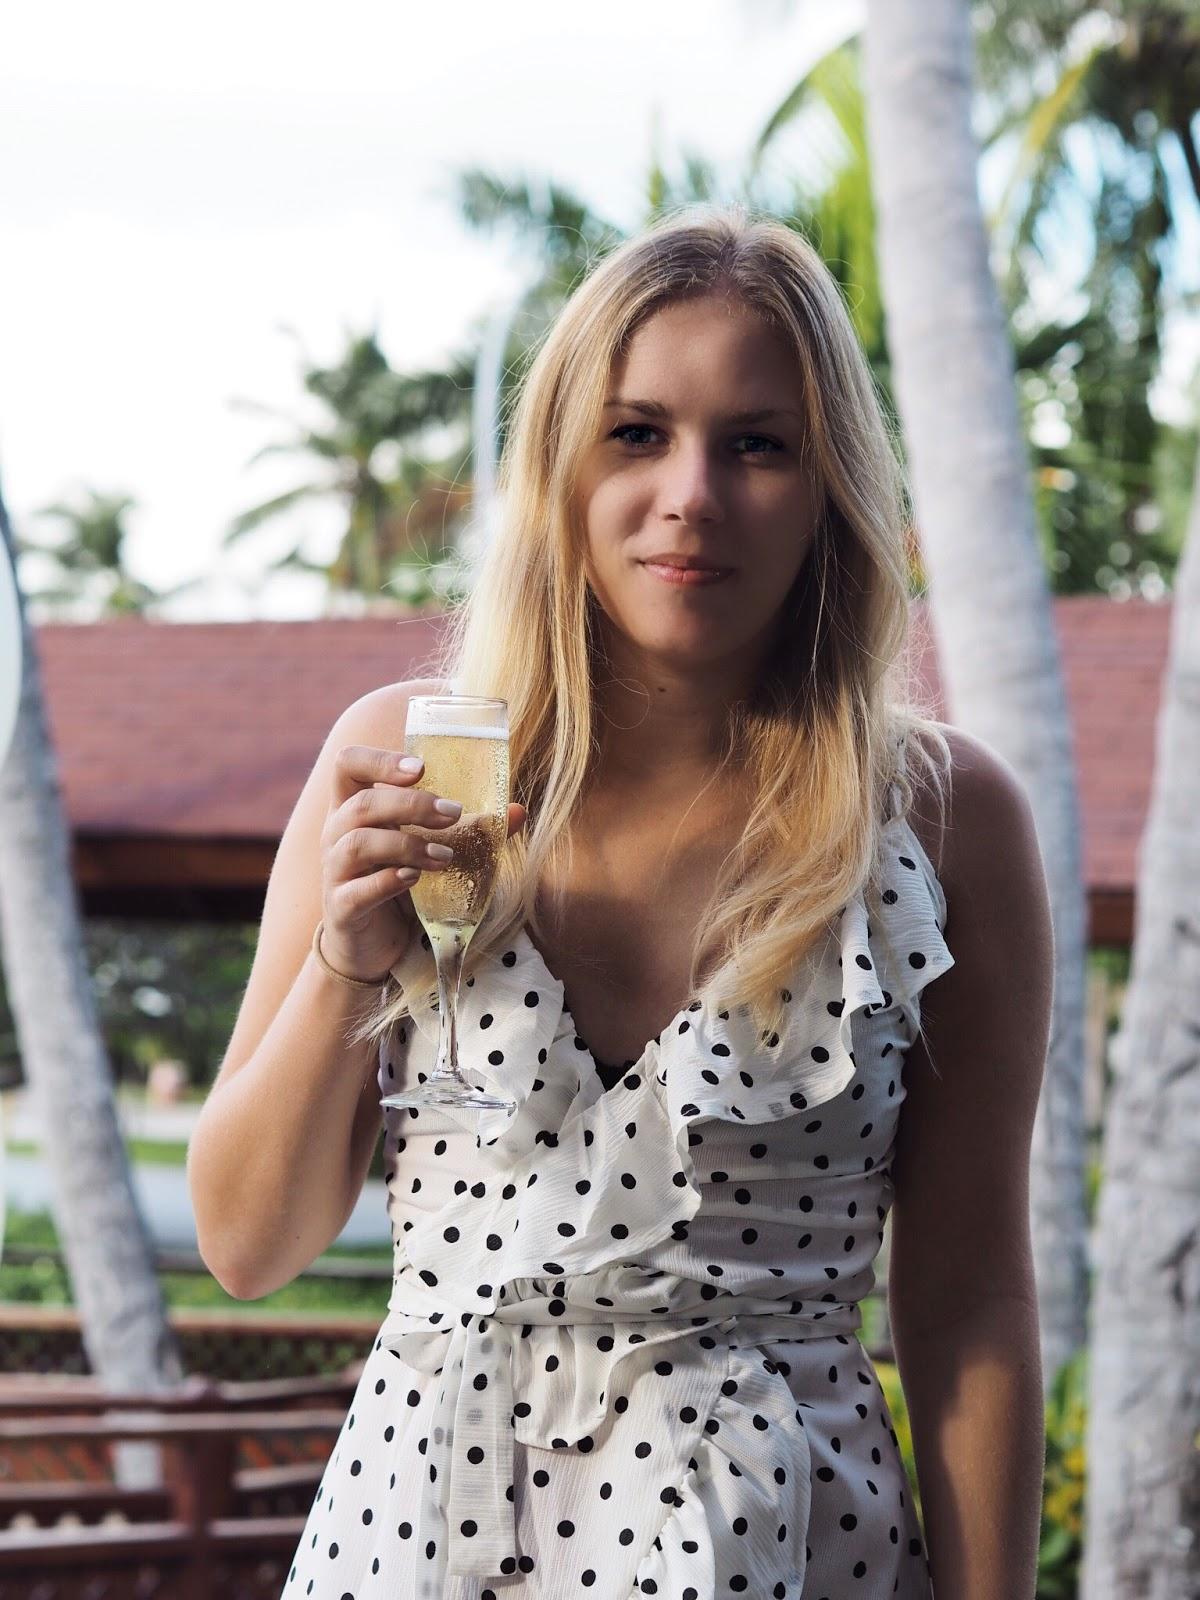 Champagne Breakfast with Shein Polka Dot Wrap Dress